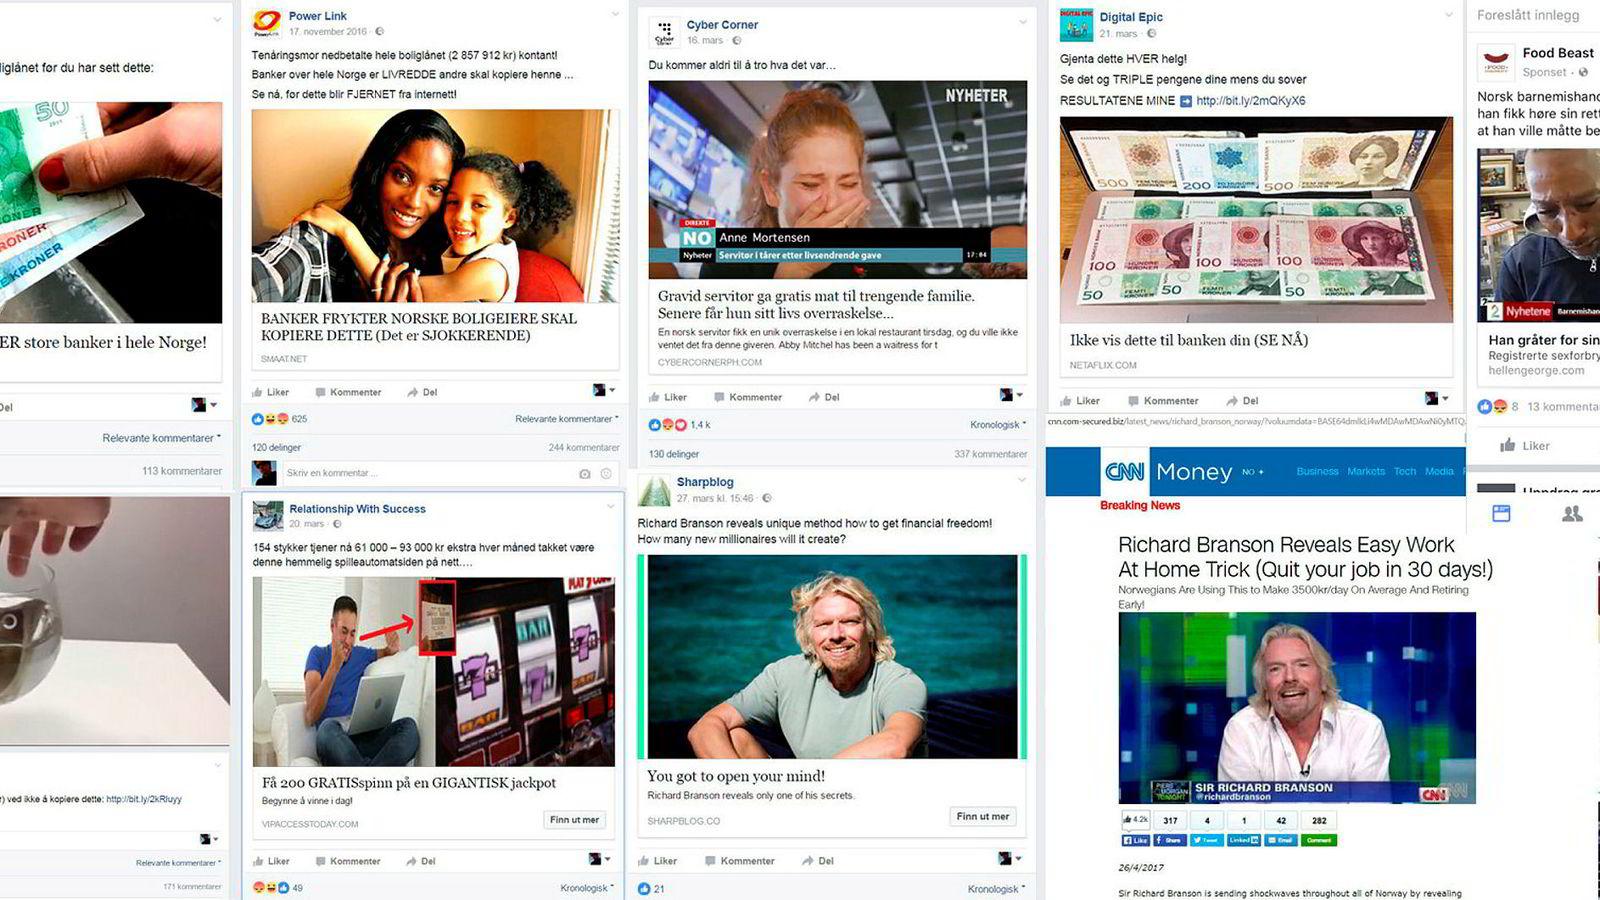 Falske annonser med kjente og ukjente spres på Facebook.